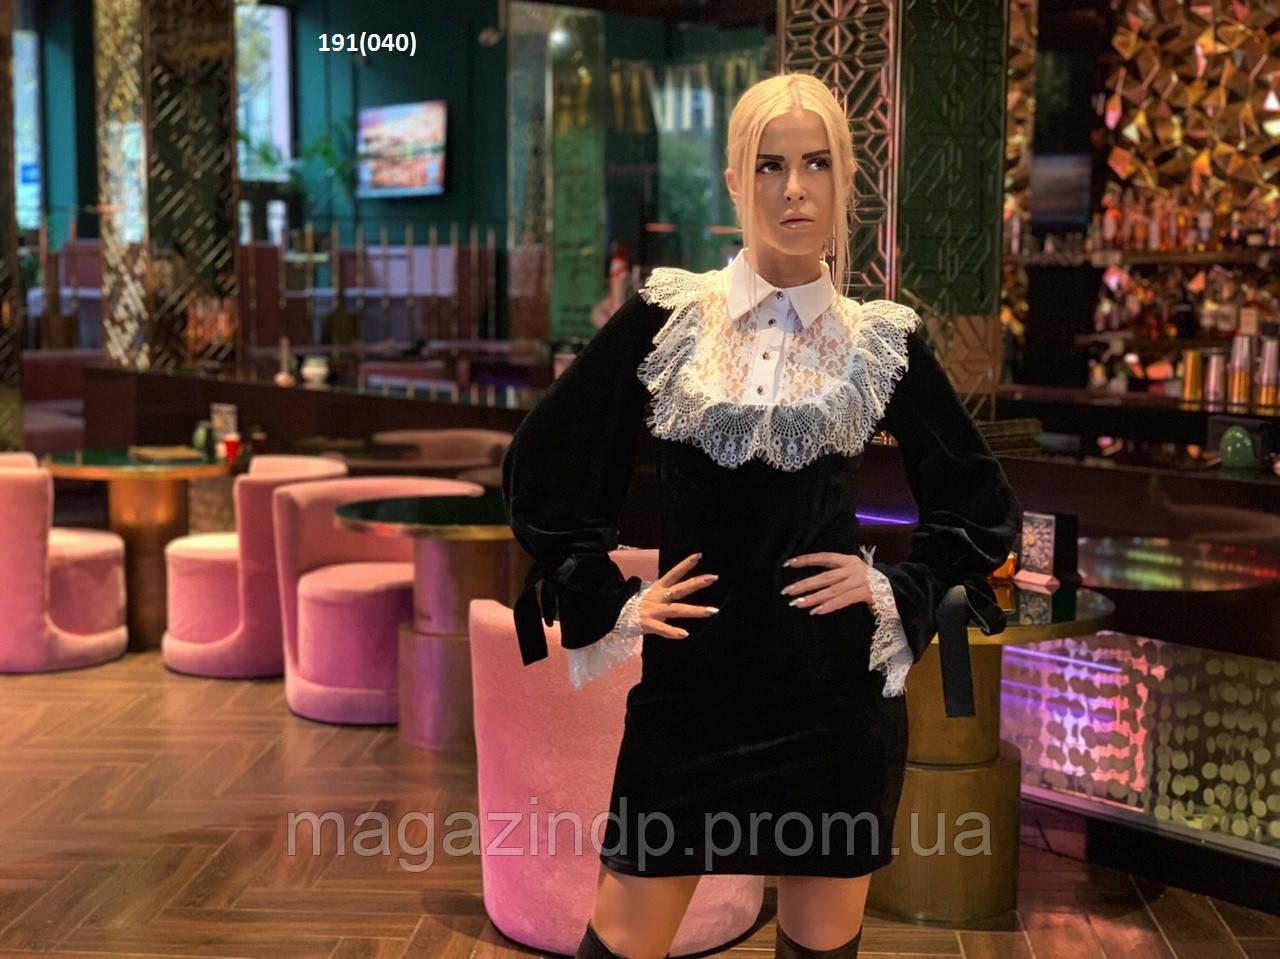 Женское бархатное платье с кружевом 191(040) Код:821945468